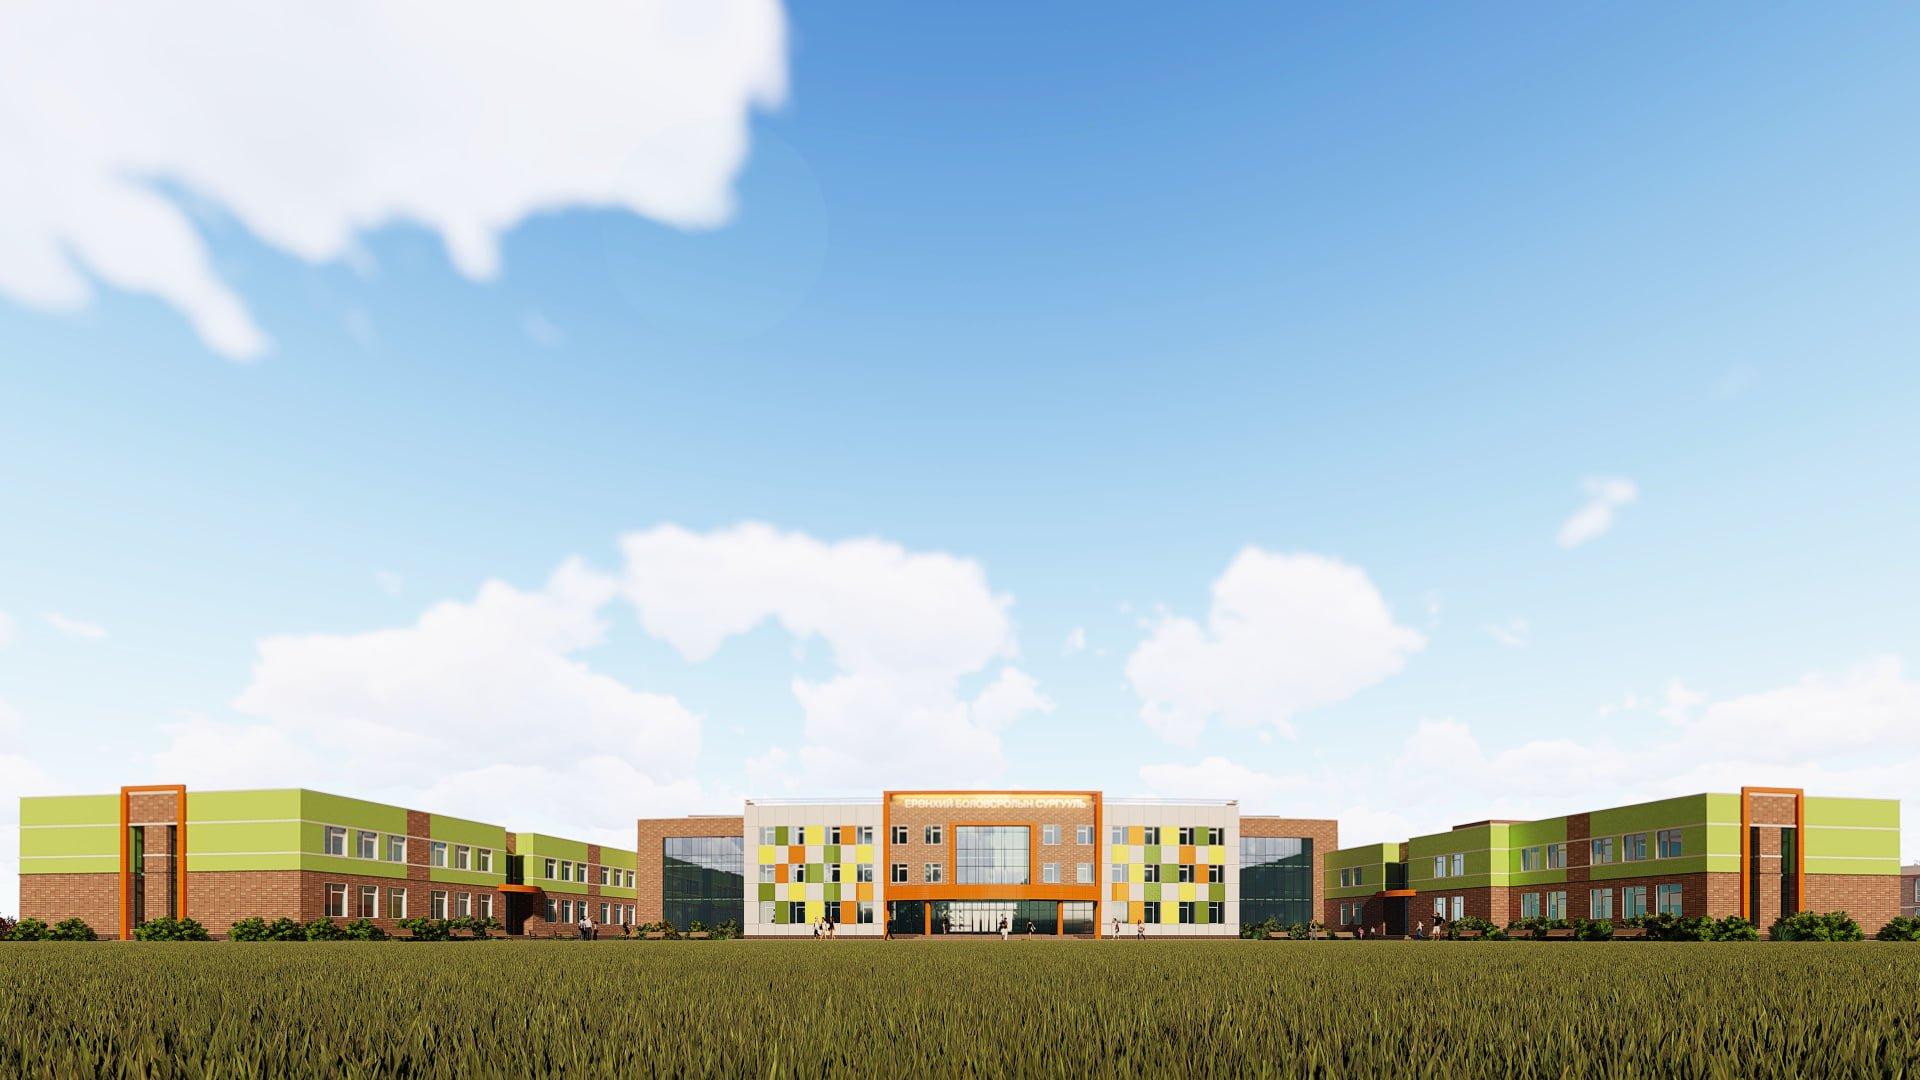 Даланзадгад хотноо сүндэрлэх 1200 хүүхдийн шинэ сургуулийн барилгын ажил эхэллээ